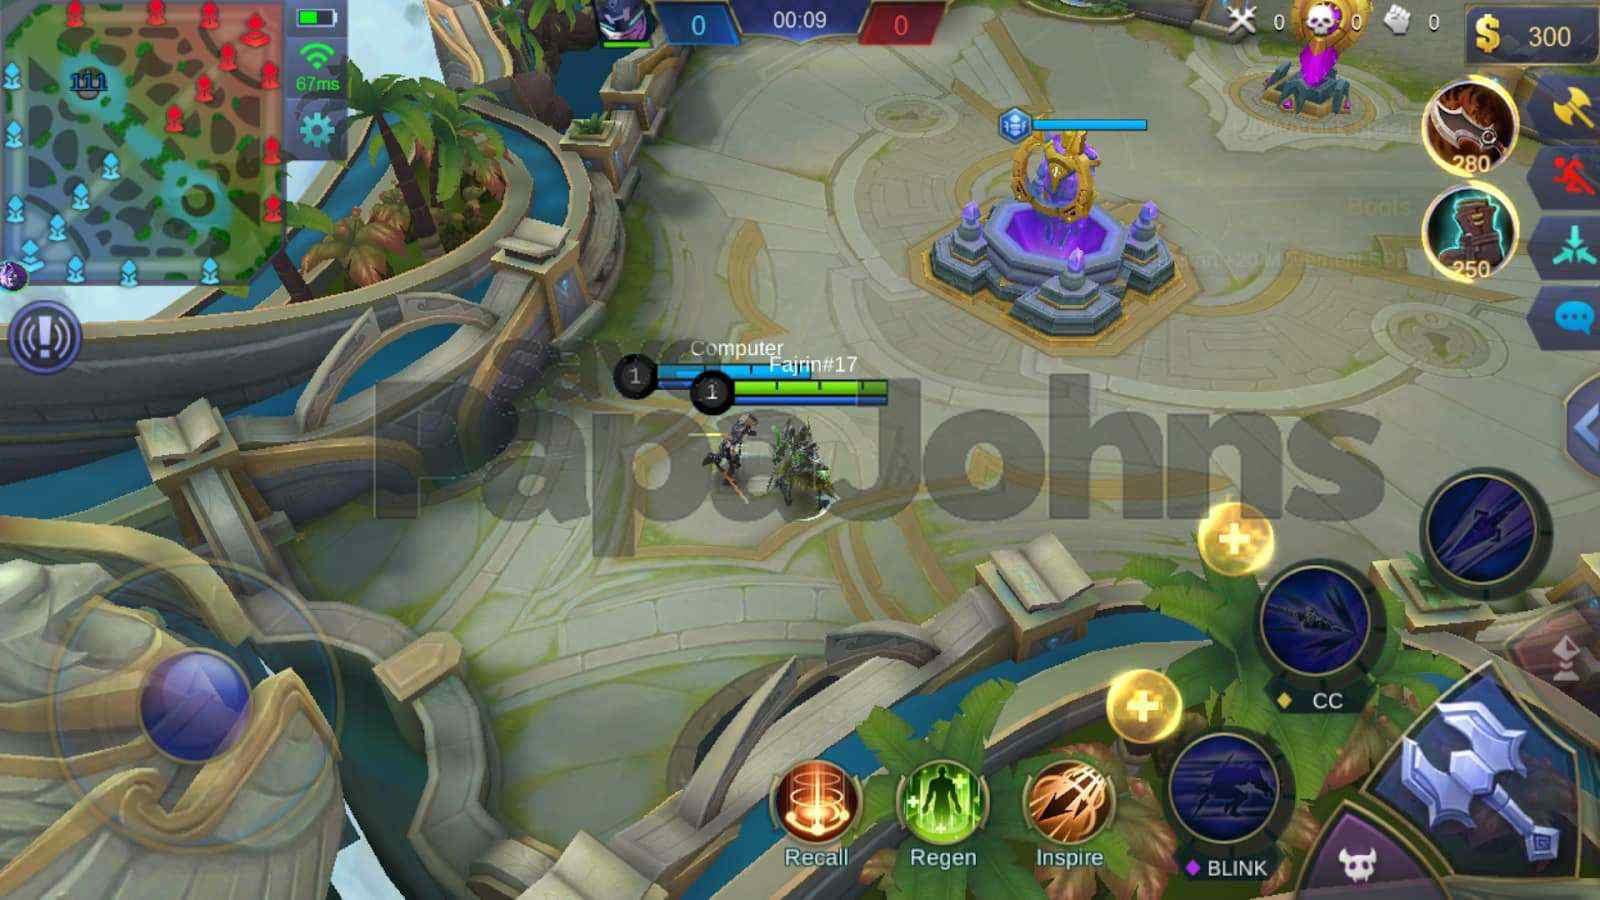 mobile legends apk mod